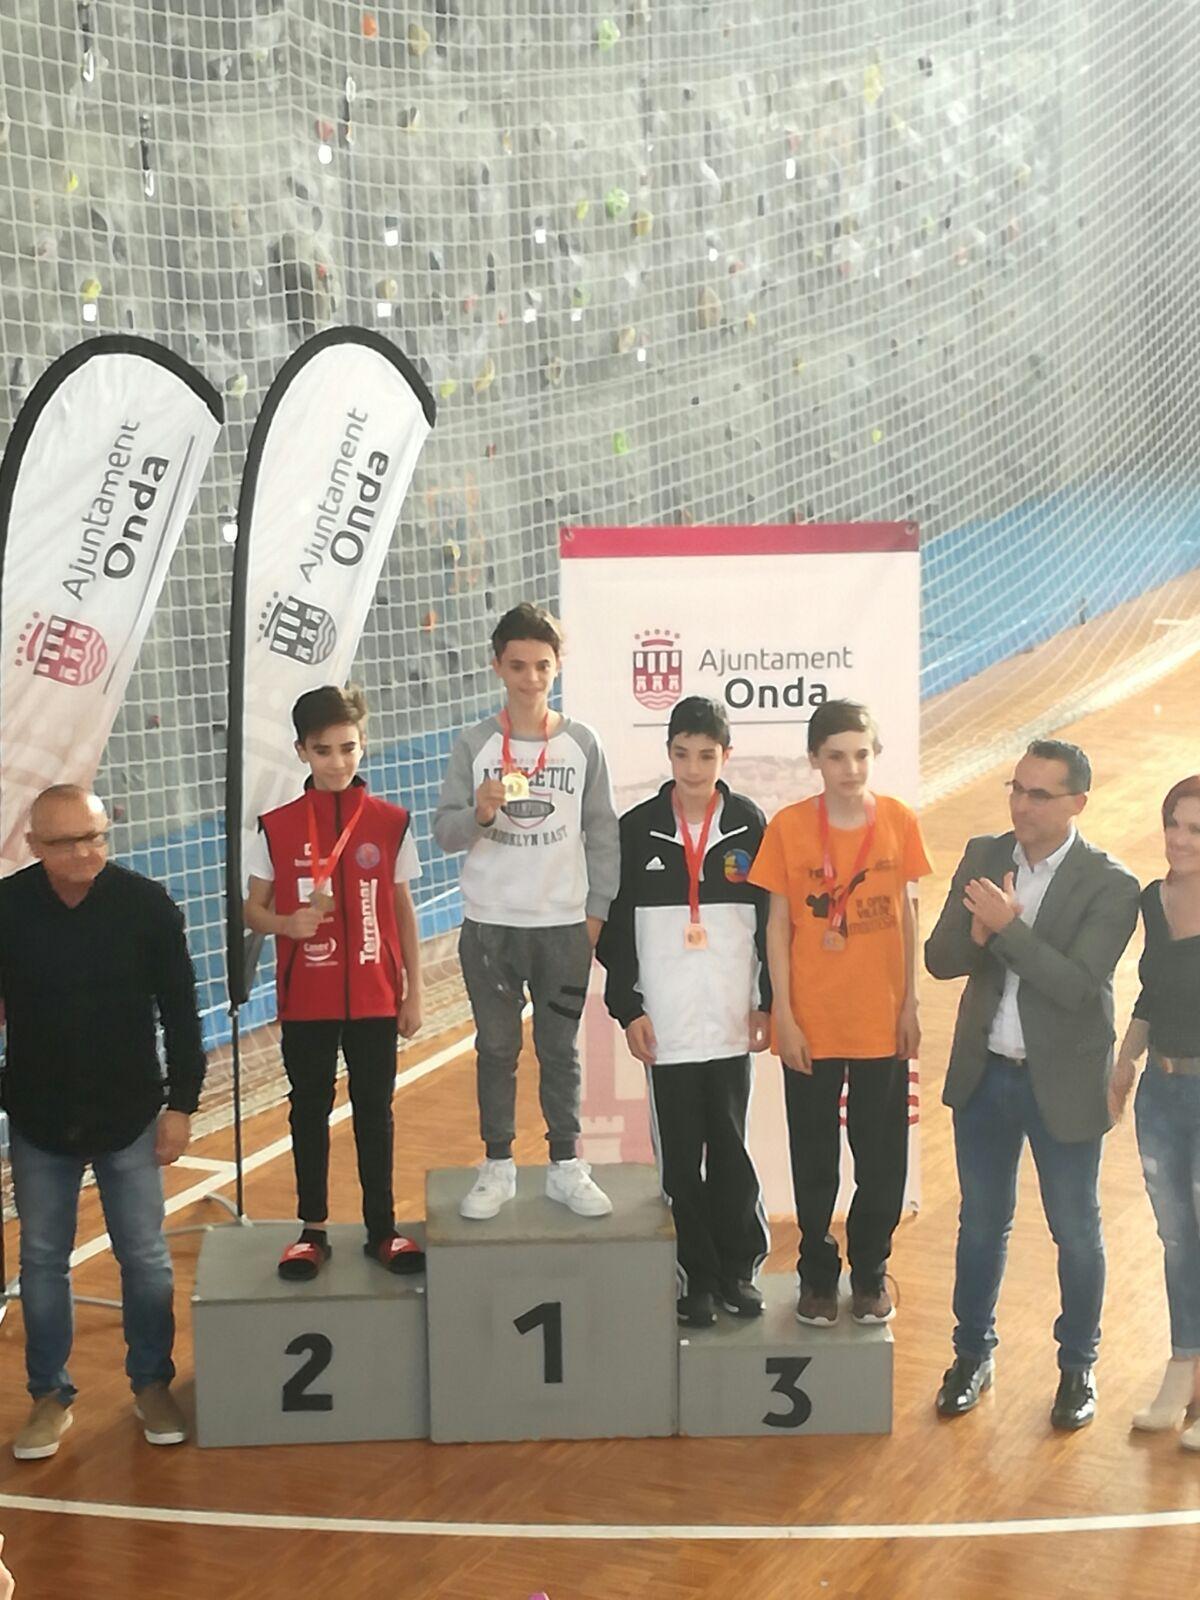 Terramar Centro de Negocios patrocina al Club de Taekwondo de Finestrat en el Campeonato Autonómico Cadete y Junior 2017